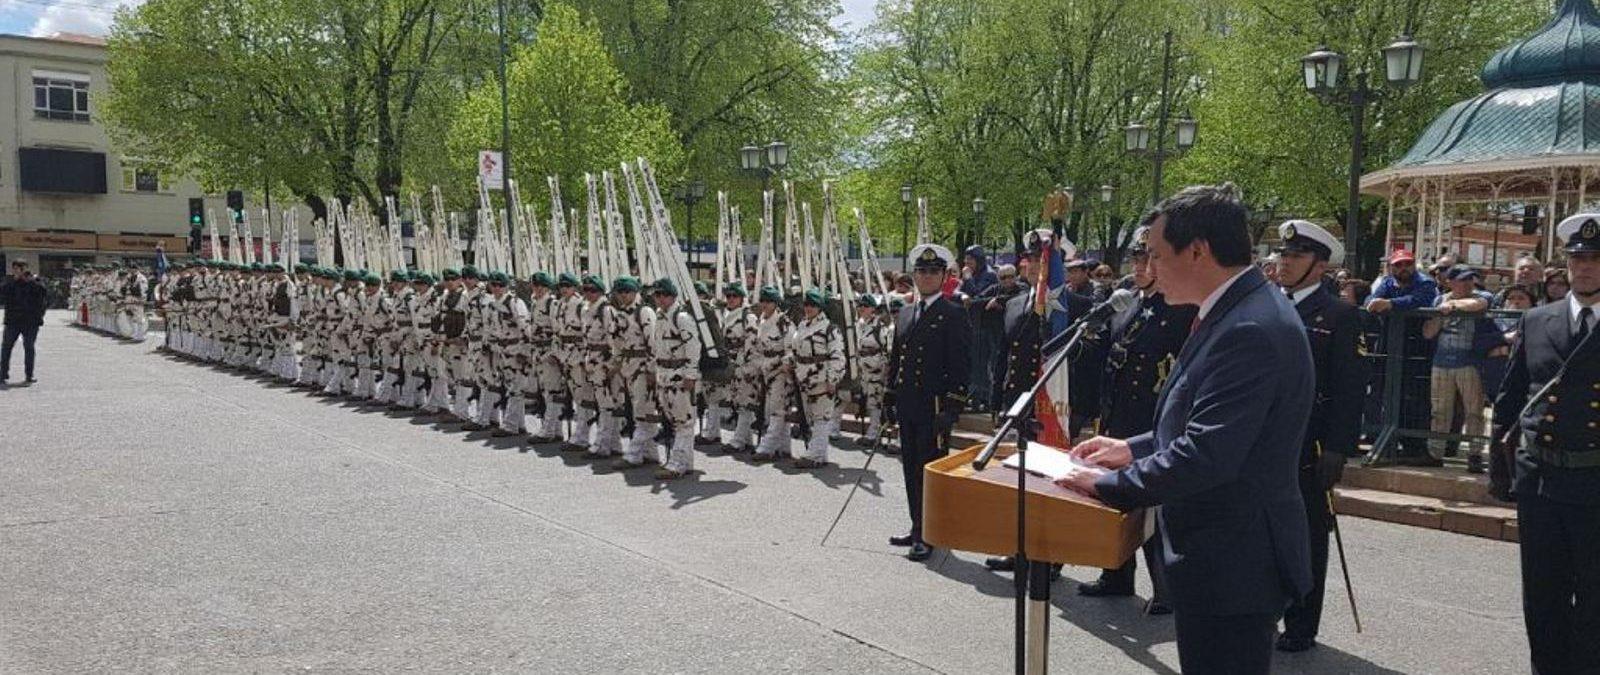 Establecimientos Educacionales, Sociedad Civil y Fuerzas Armadas y de Orden participaron en desfile por diez años de Los Ríos